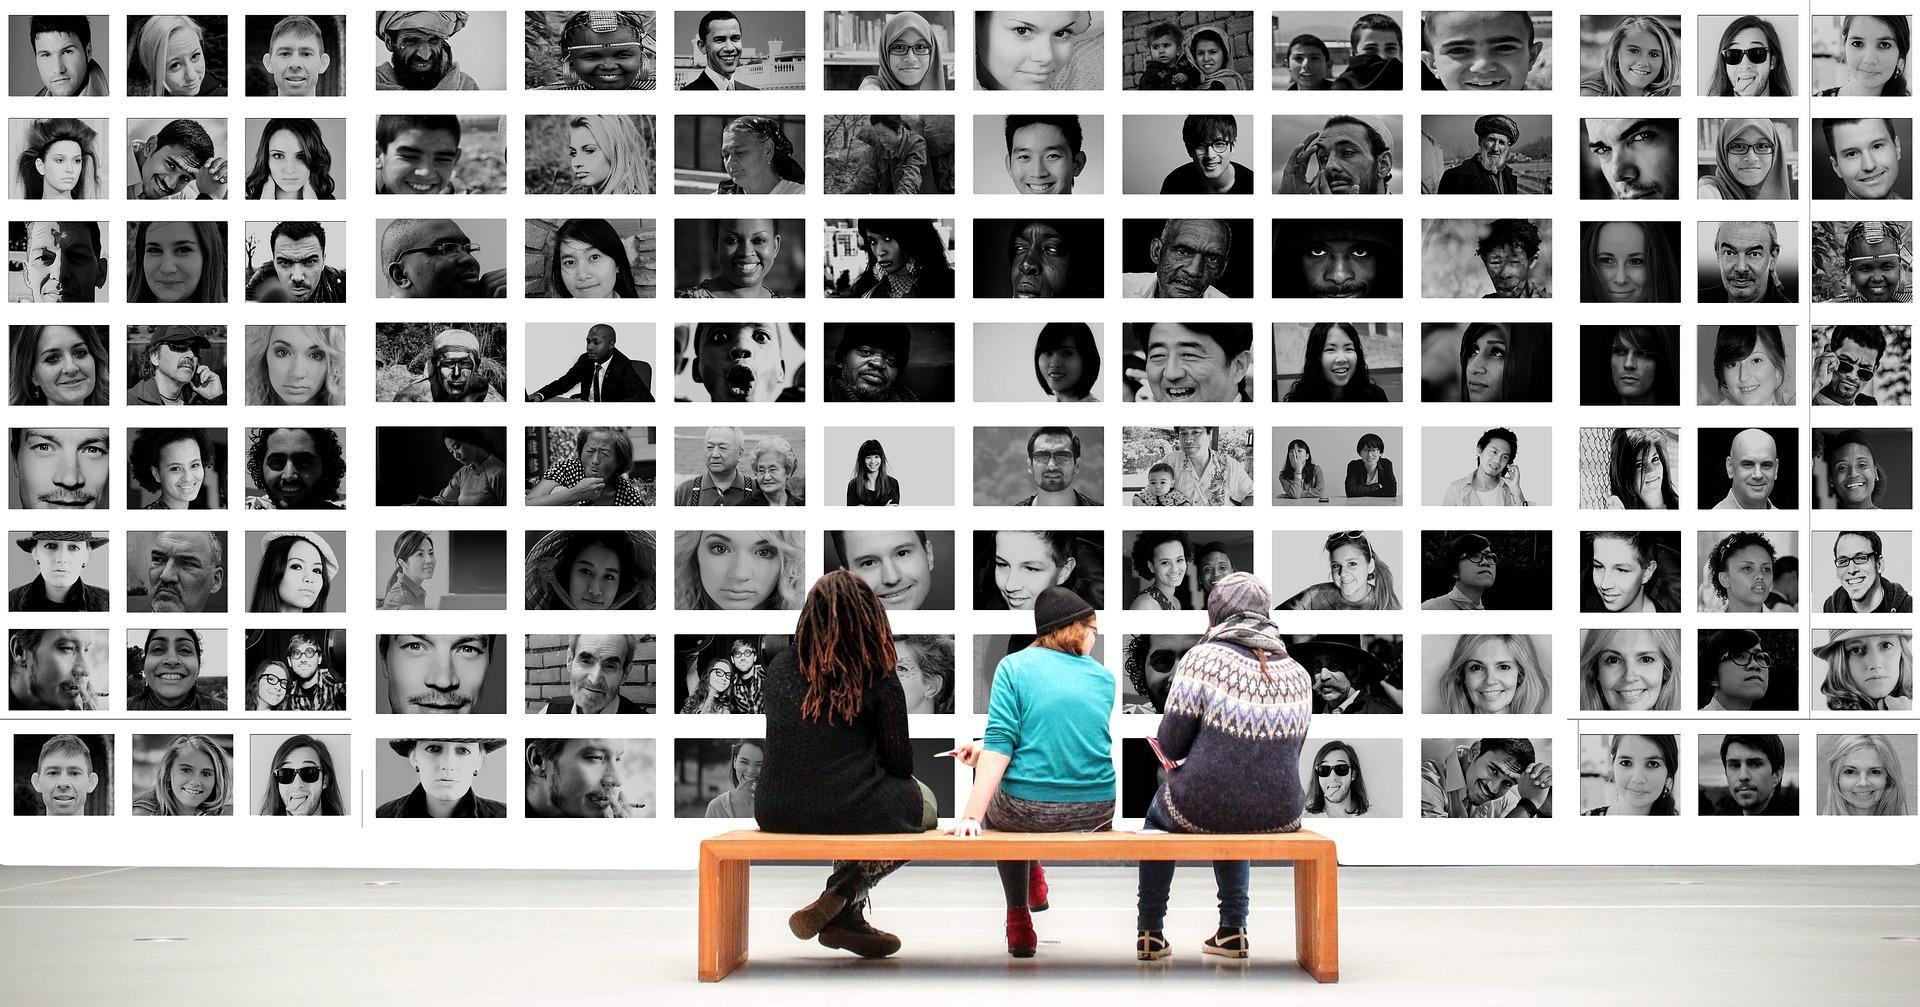 ยาทน69 คือ สุดยอด ยาทน ที่ช่วยผู้คนได้ดีที่สุดในตอนนี้ - ยาทน69 - สุดยอด ยาทน อาหารเสริมผู้ชาย ปี2018 - ยาทน - อาหารเสริมสำหรับผู้ชาย ยาทน69 -Design By Welove69official.com